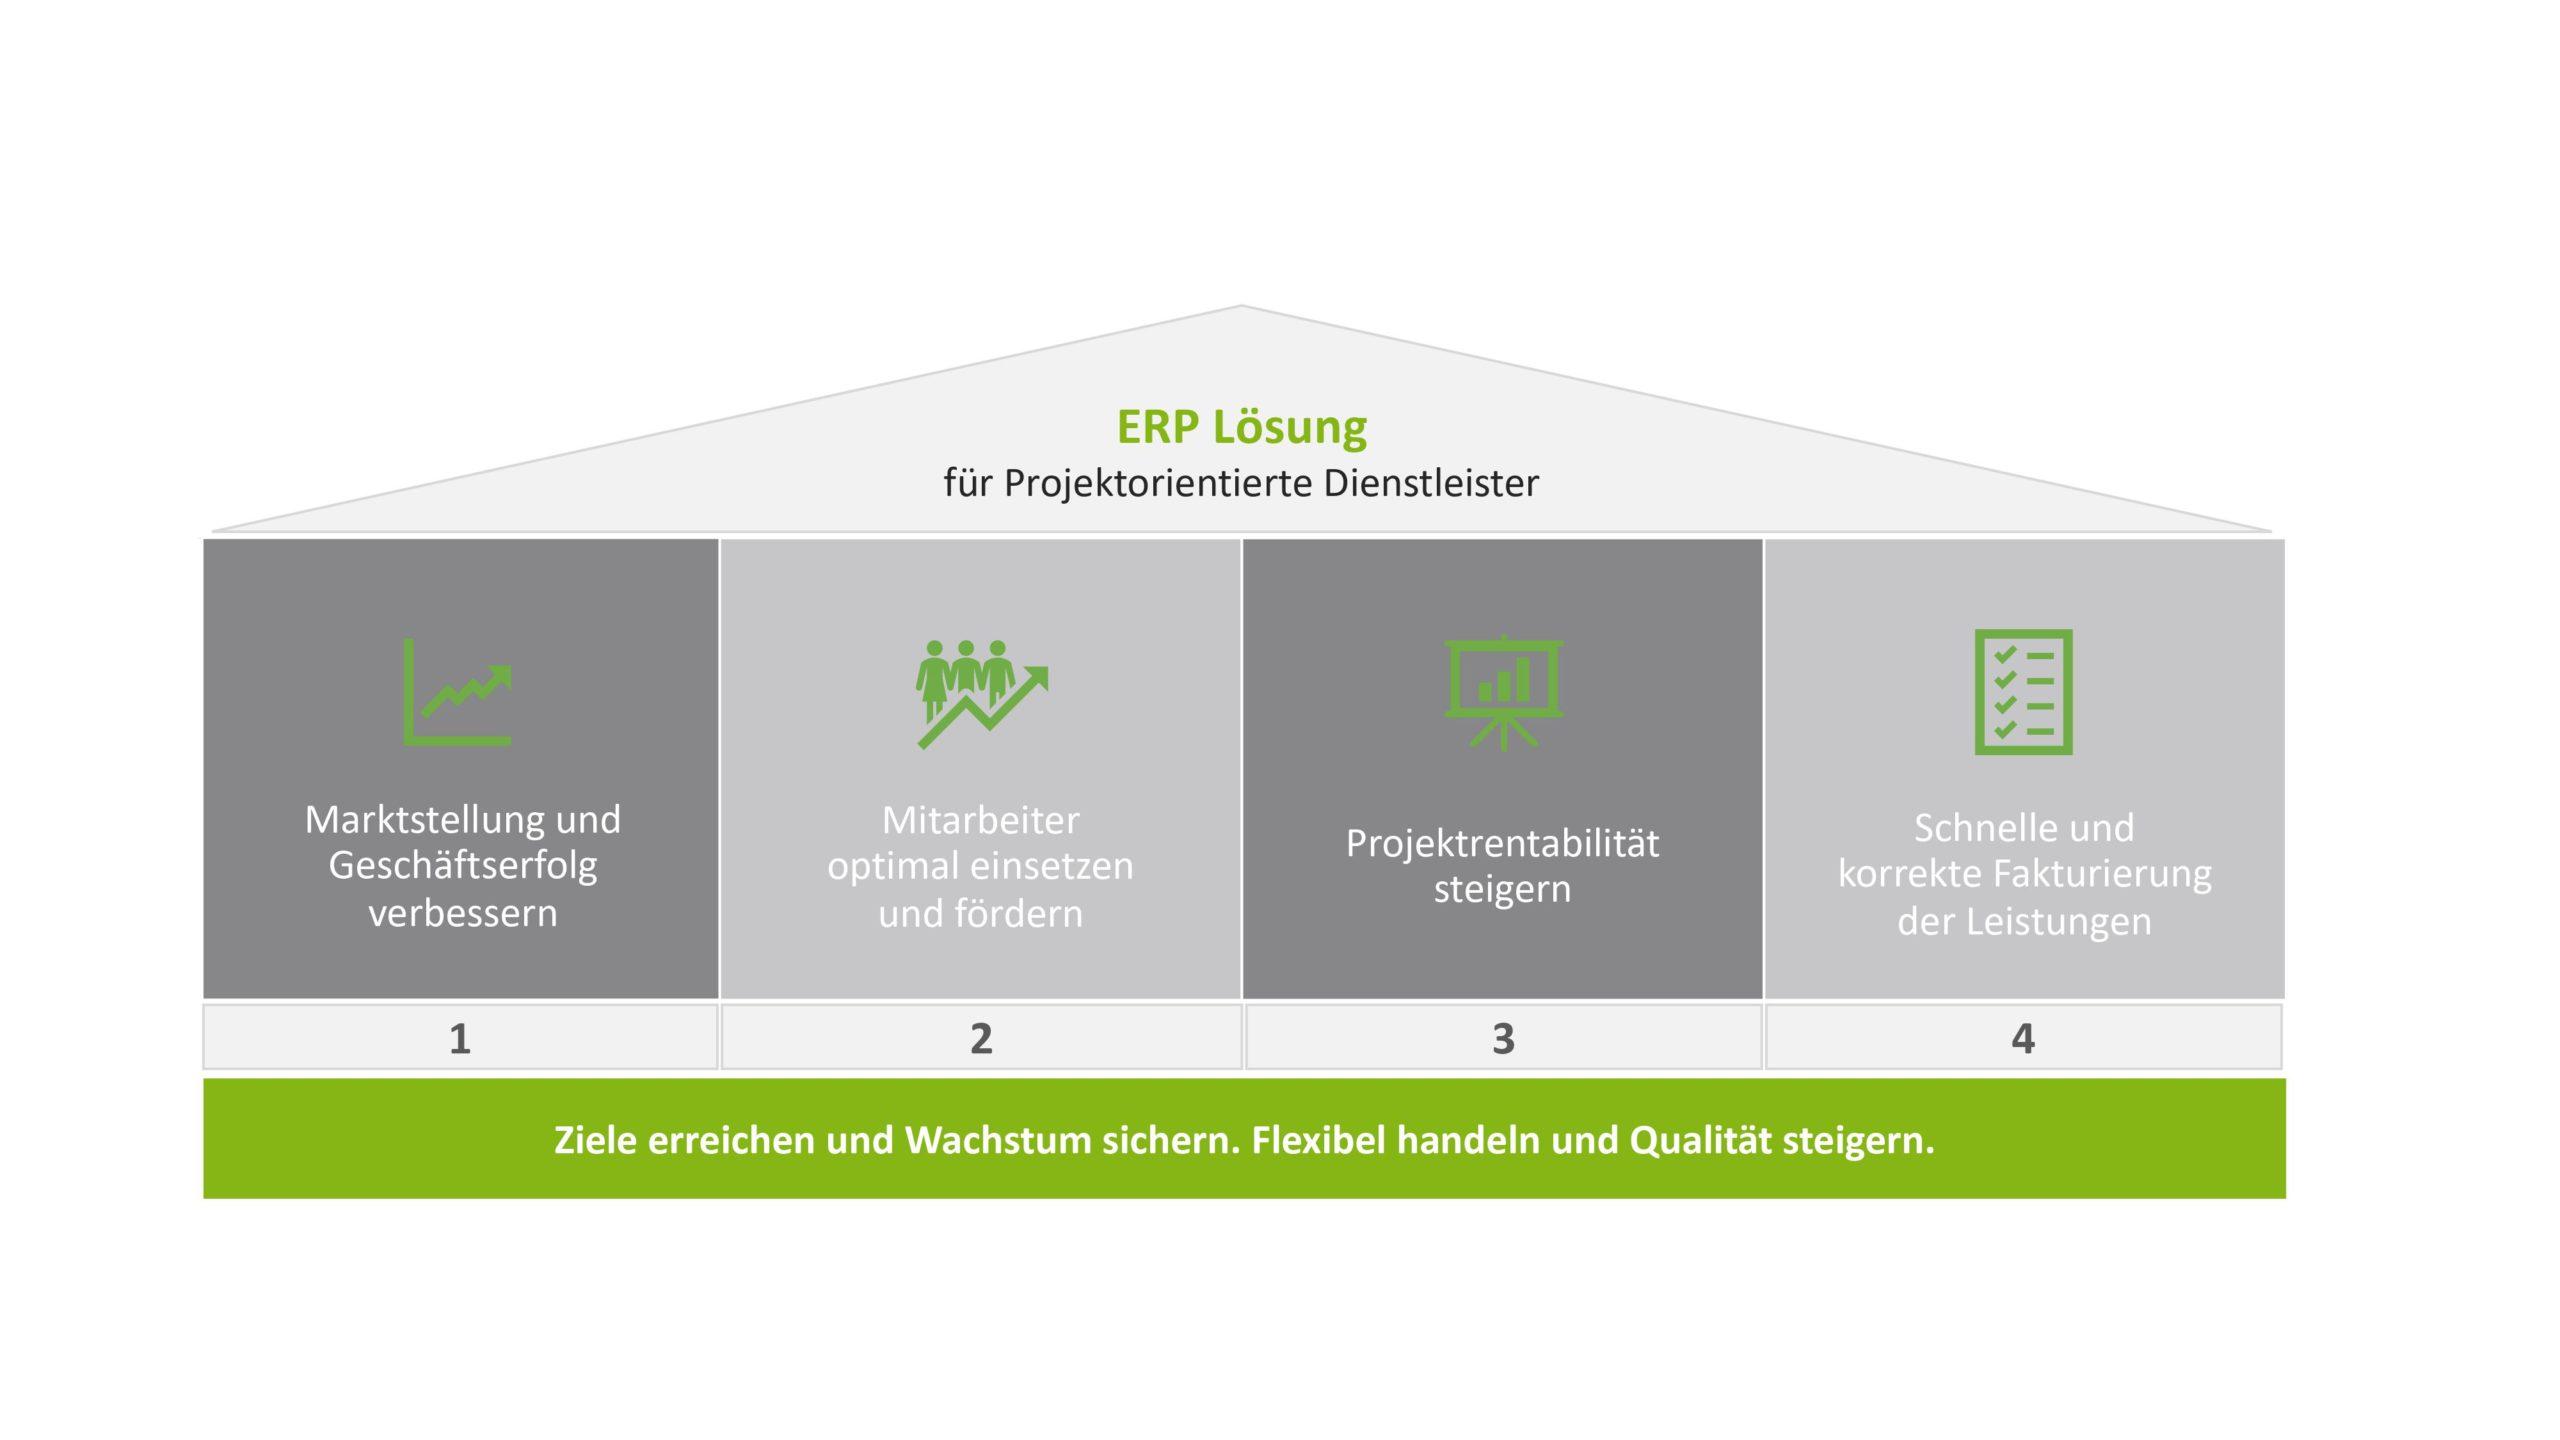 Modell über ERP Lösung Projektorientierte Dienstleister